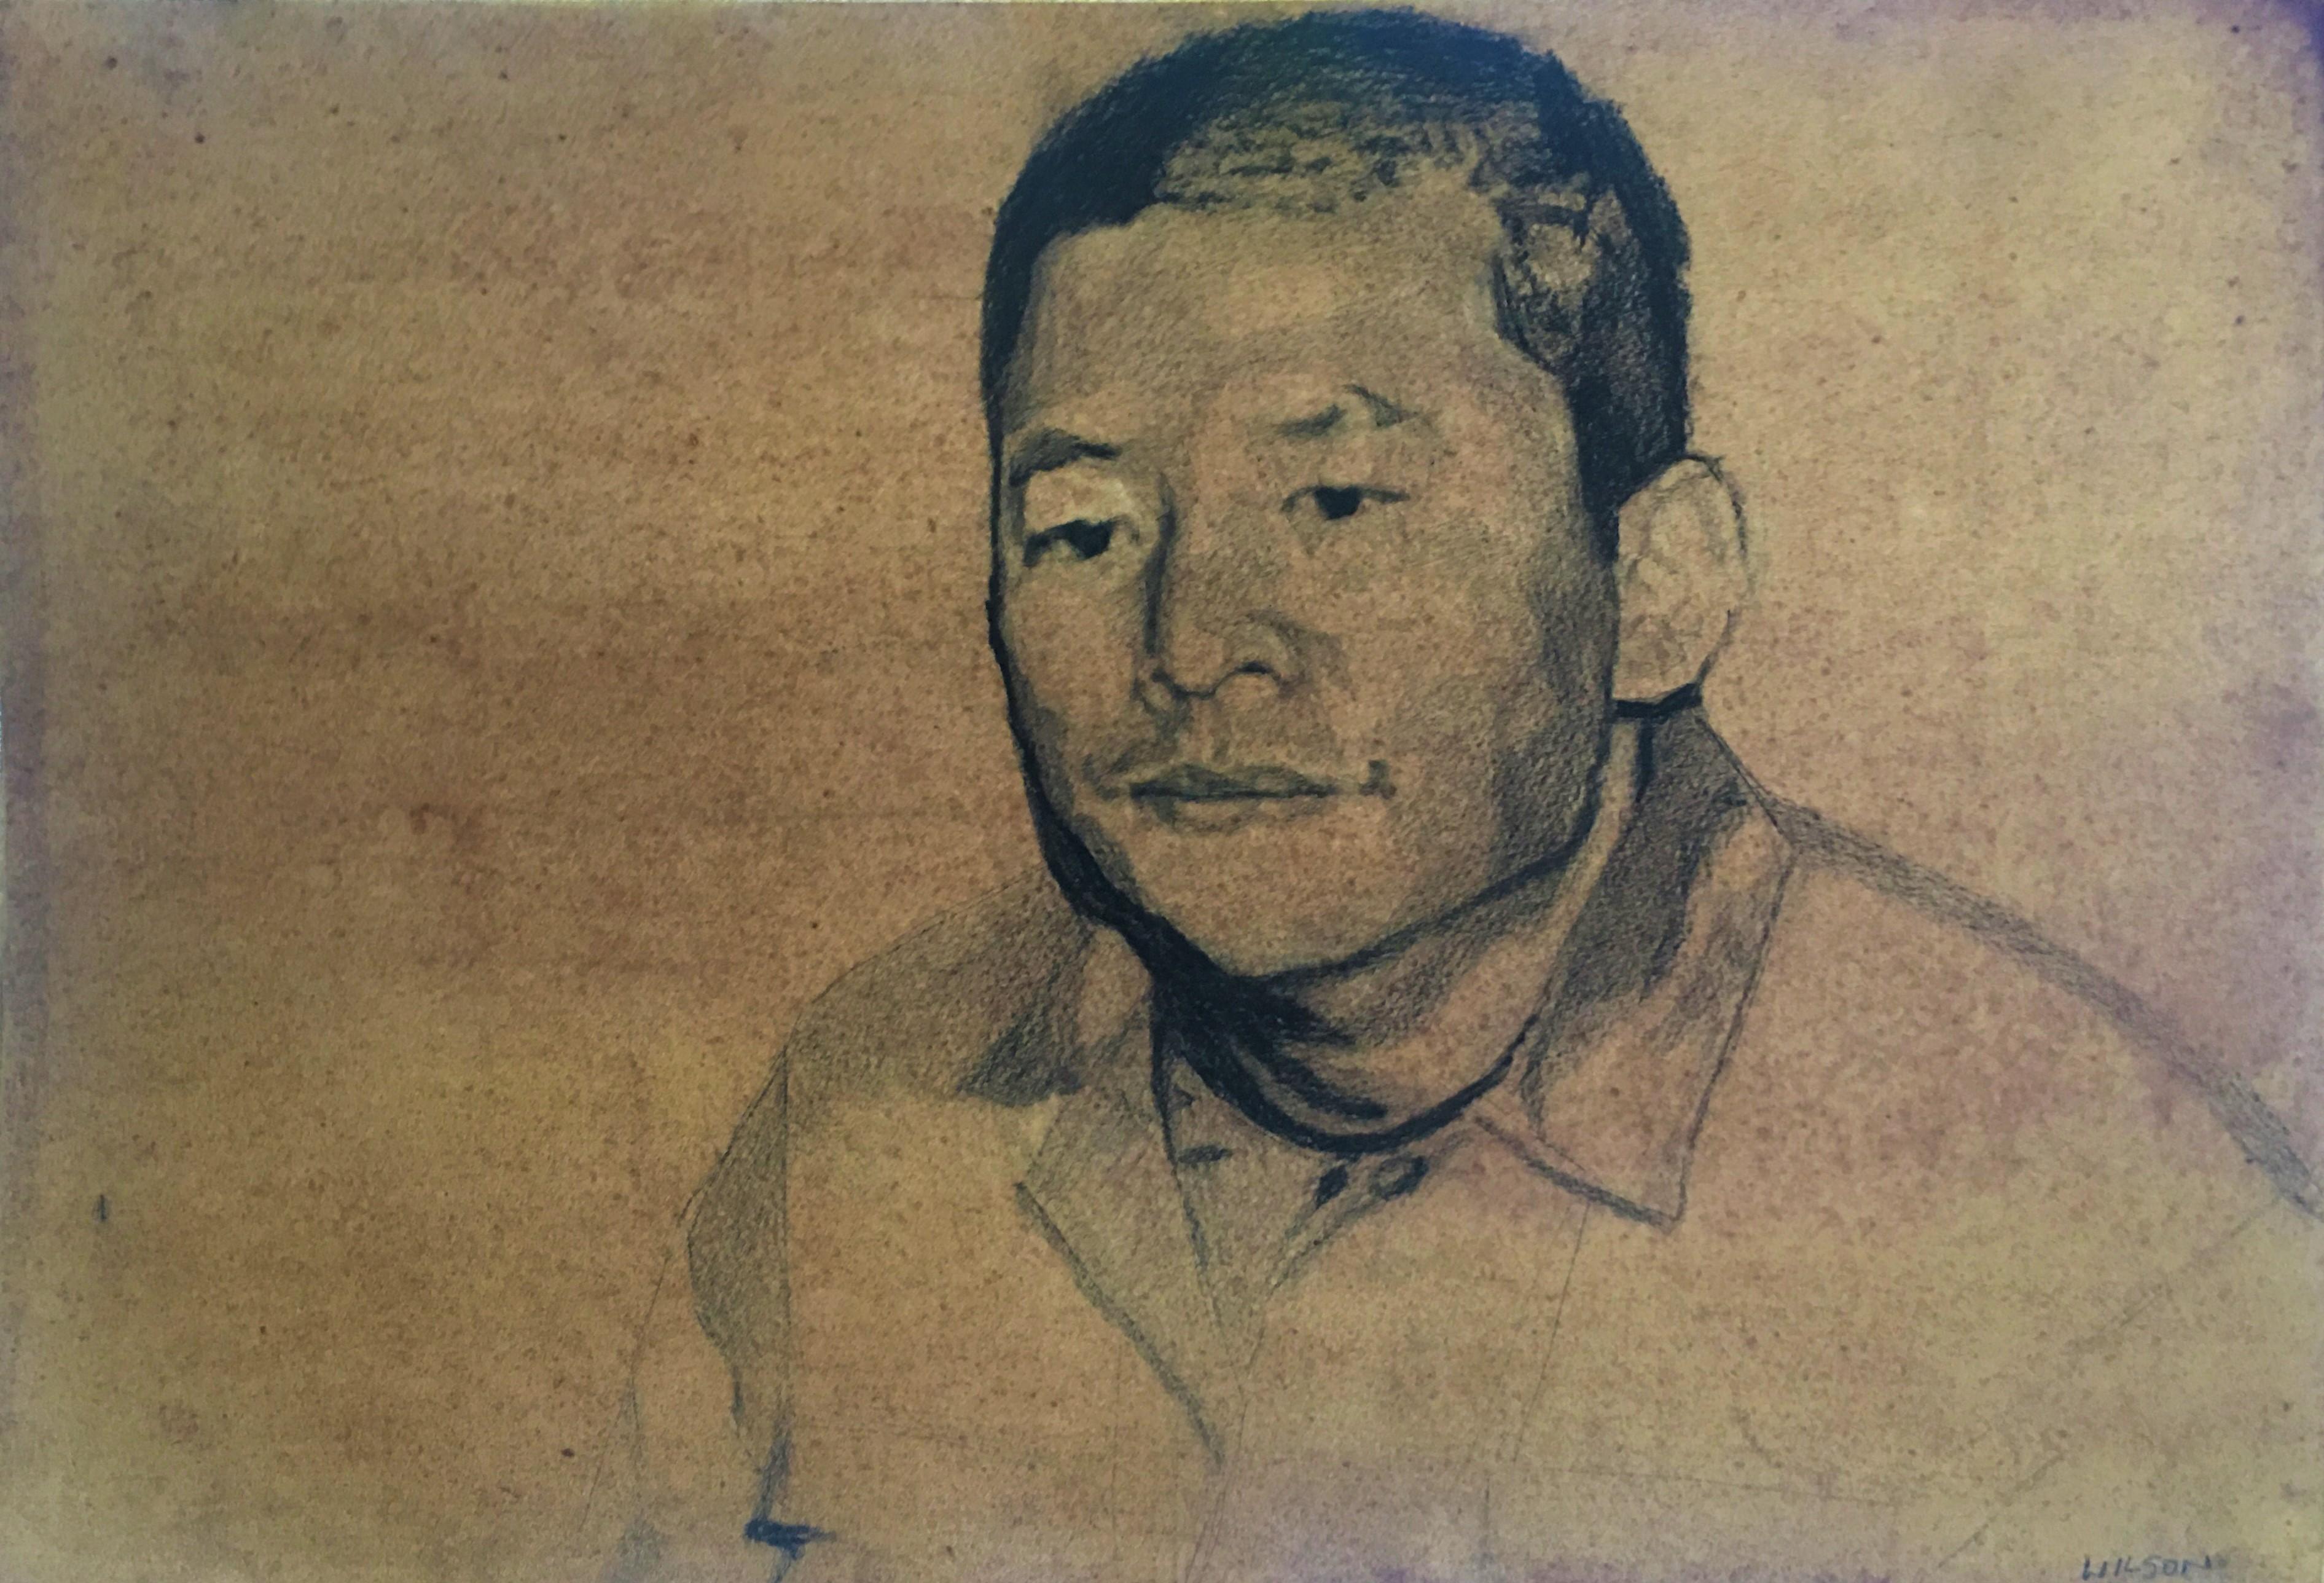 Liang Zhenxing drawing